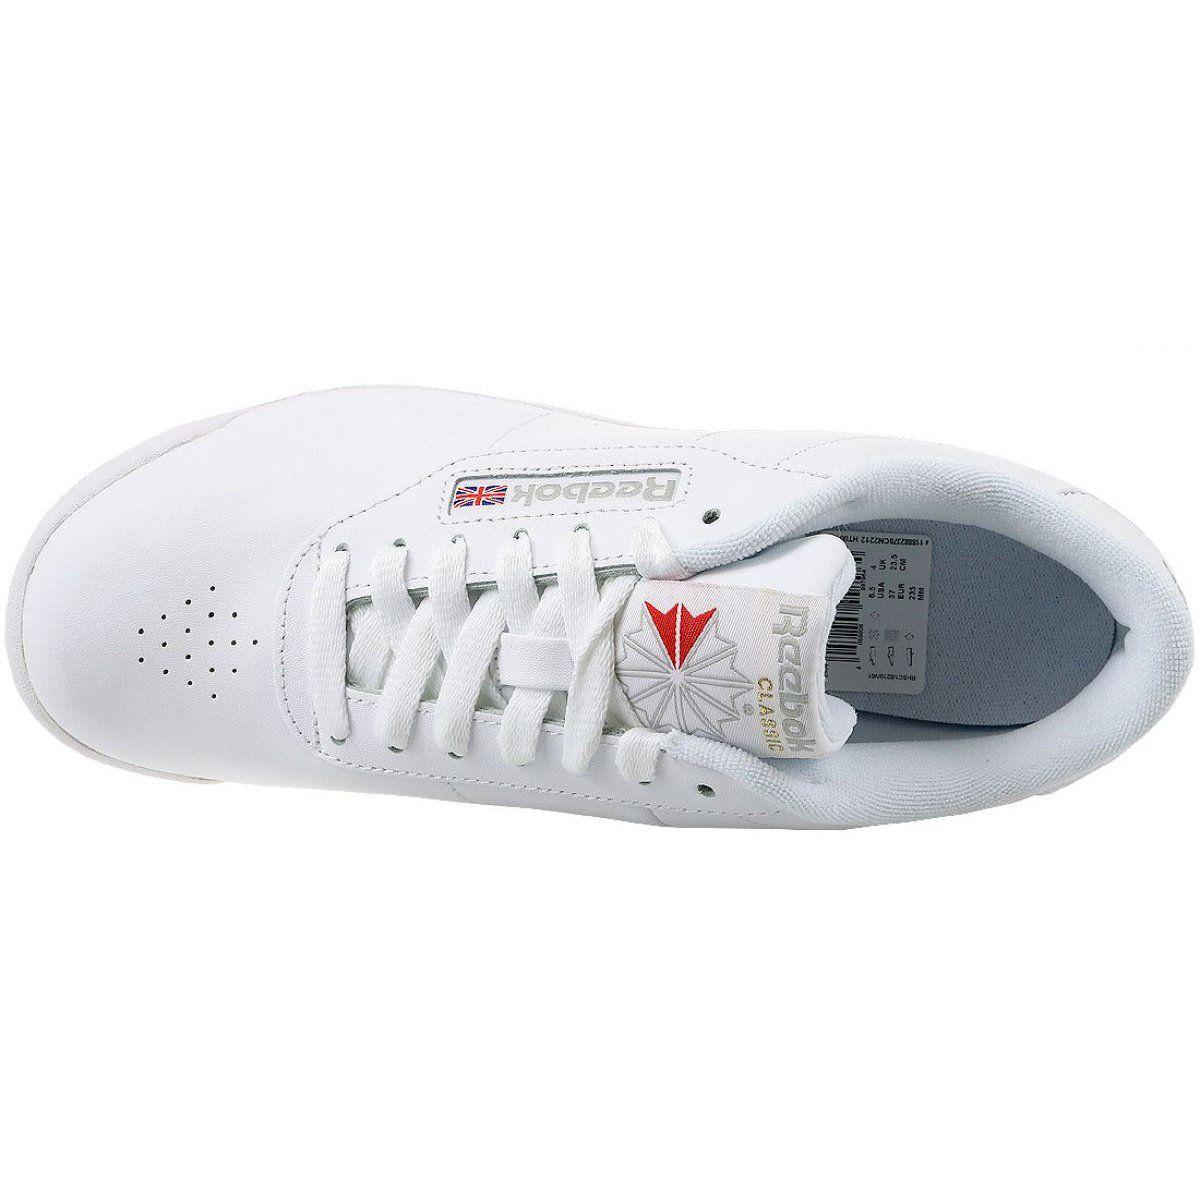 Reebok Princess W Cn2212 Shoes White Reebok Princess Sport Shoes Women Reebok